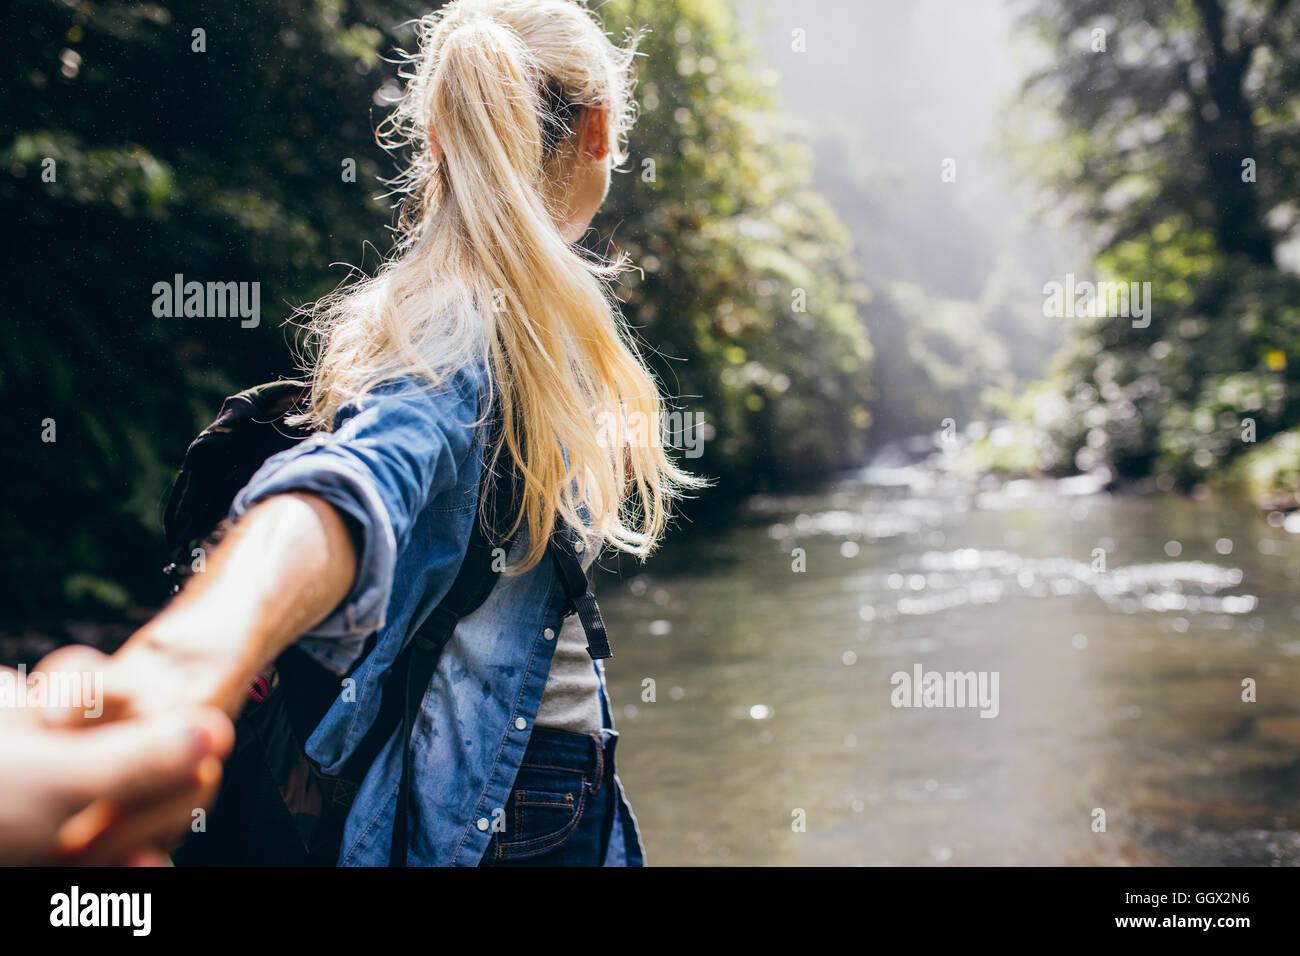 Joven líder de su novio en el bosque de caminata. Punto de vista foto de pareja cruzando el arroyo cogidos Imagen De Stock